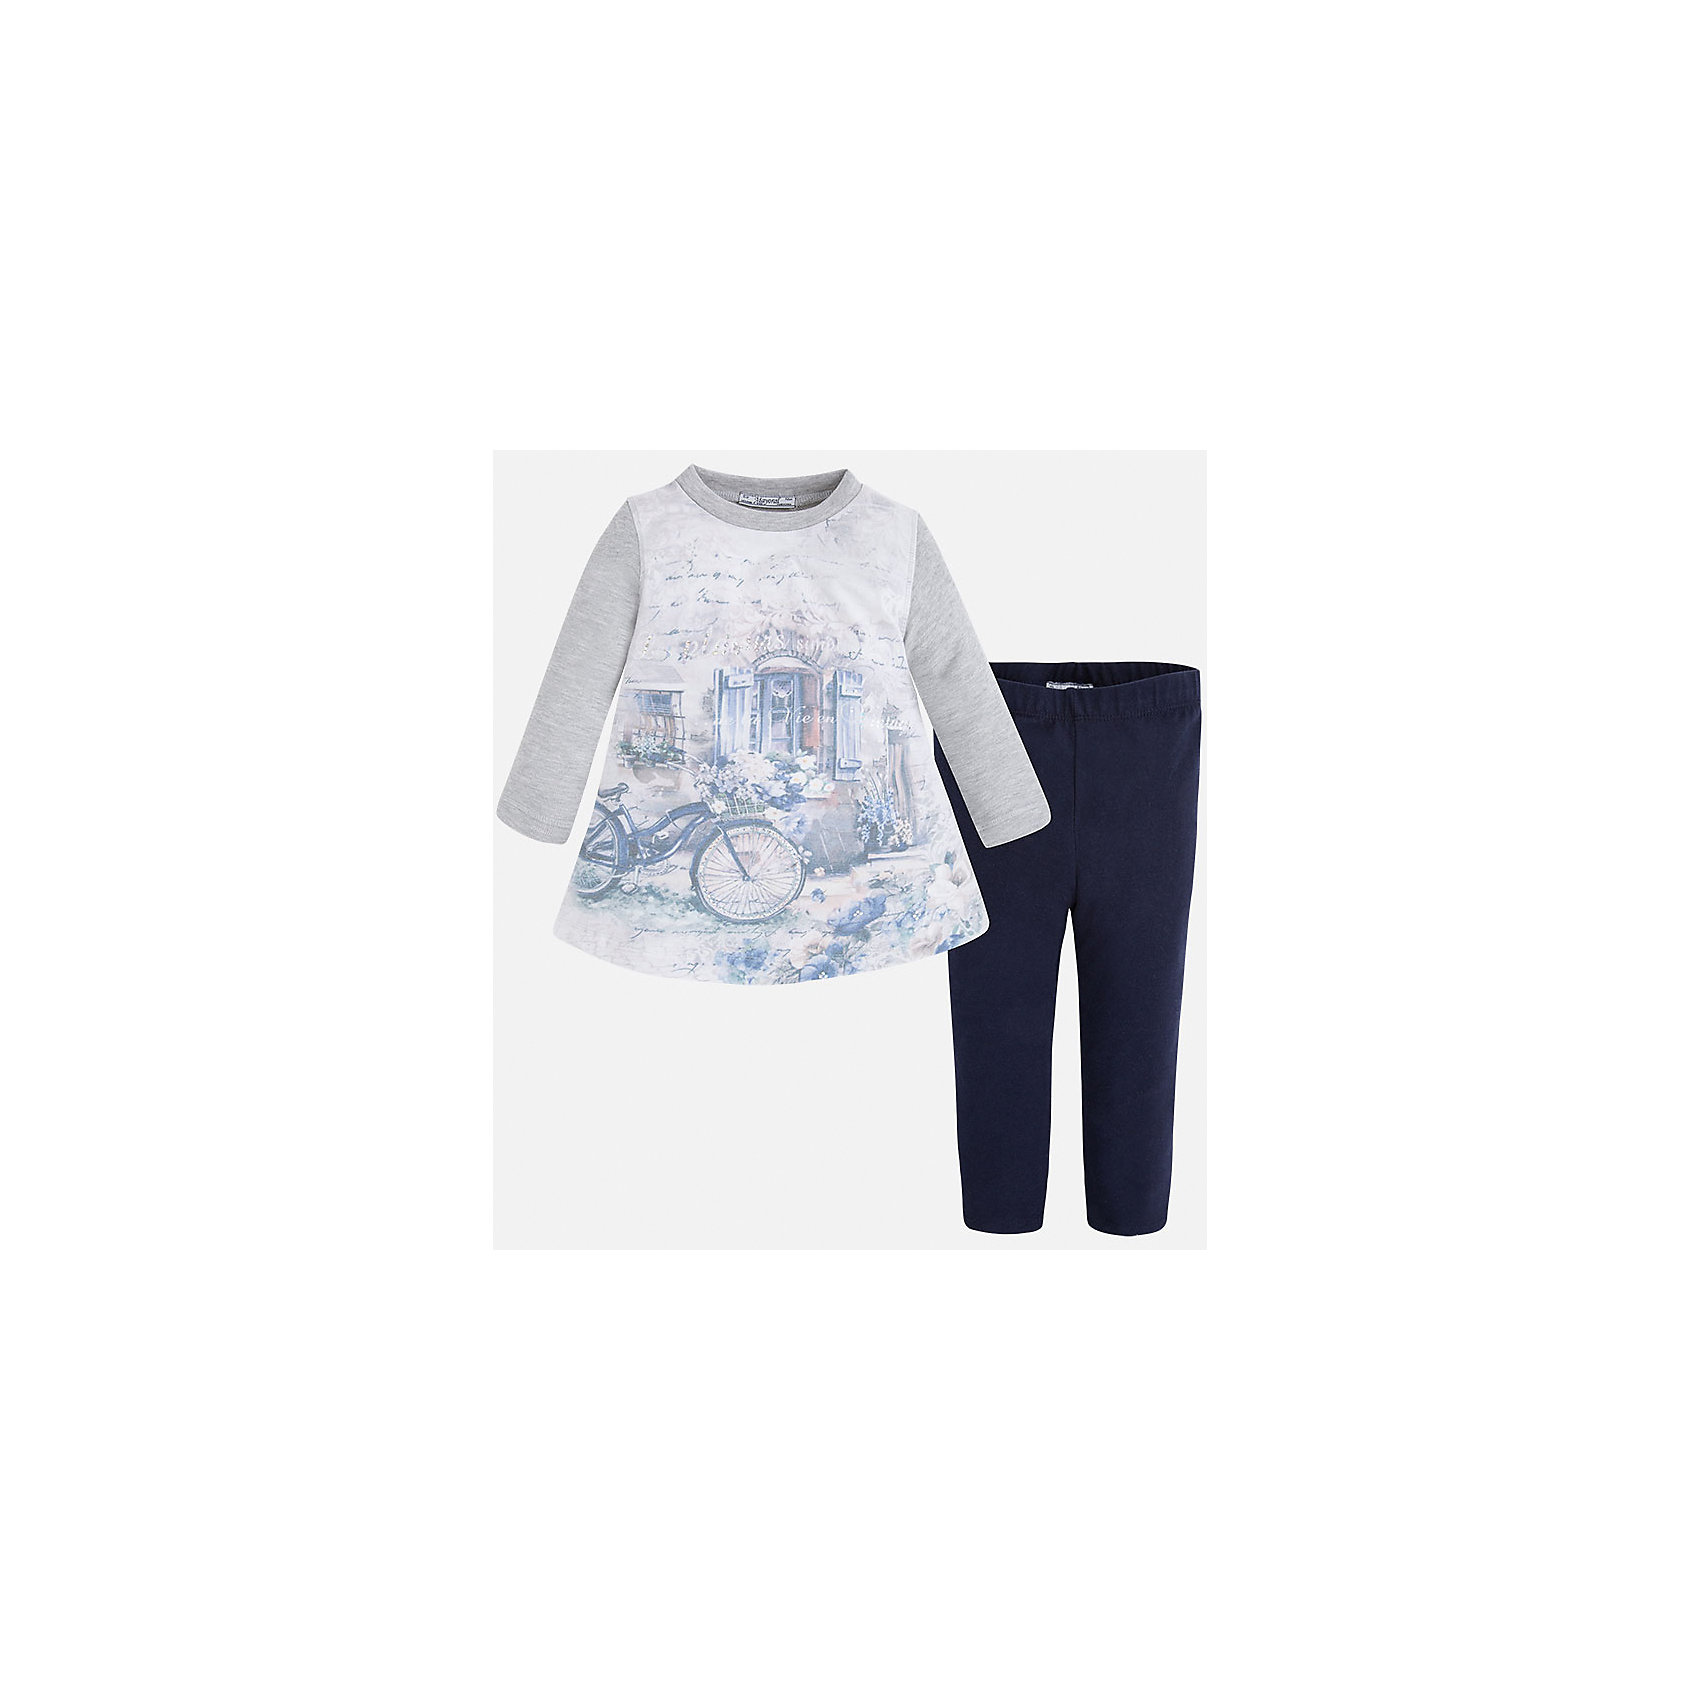 Комплект для девочки MayoralКомплект из свитера и леггинсов для девочки от популярного испанского бренда Mayoral(Майорал). Леггинсы имеют удобную резинку на поясе. Свитер с расширенным к низу силуэтом и округлым воротом украшен крупным принтом и стразами спереди. Удобный комплект создан специально для комфорта и стиля девочки!<br><br>Дополнительная информация:<br>Состав. Свитер: 49% хлопок, 38% полиэстер, 10% металлическое волокно, 3% эластан. Леггинсы: 95% хлопок, 5% эластан<br>Цвет: темно-синий/серый<br>Леггинсы и свитер Mayoral(майорал) можно приобрести в нашем интернет-магазине.<br><br>Ширина мм: 123<br>Глубина мм: 10<br>Высота мм: 149<br>Вес г: 209<br>Цвет: синий<br>Возраст от месяцев: 72<br>Возраст до месяцев: 84<br>Пол: Женский<br>Возраст: Детский<br>Размер: 122,110,98,116,104,128,134,92<br>SKU: 4843987